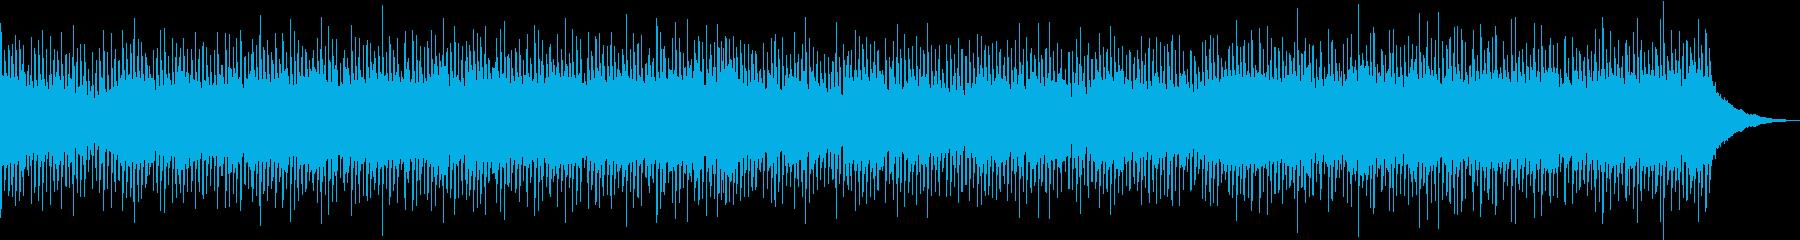 わくわく・楽しい・三味線・和風・ロックの再生済みの波形